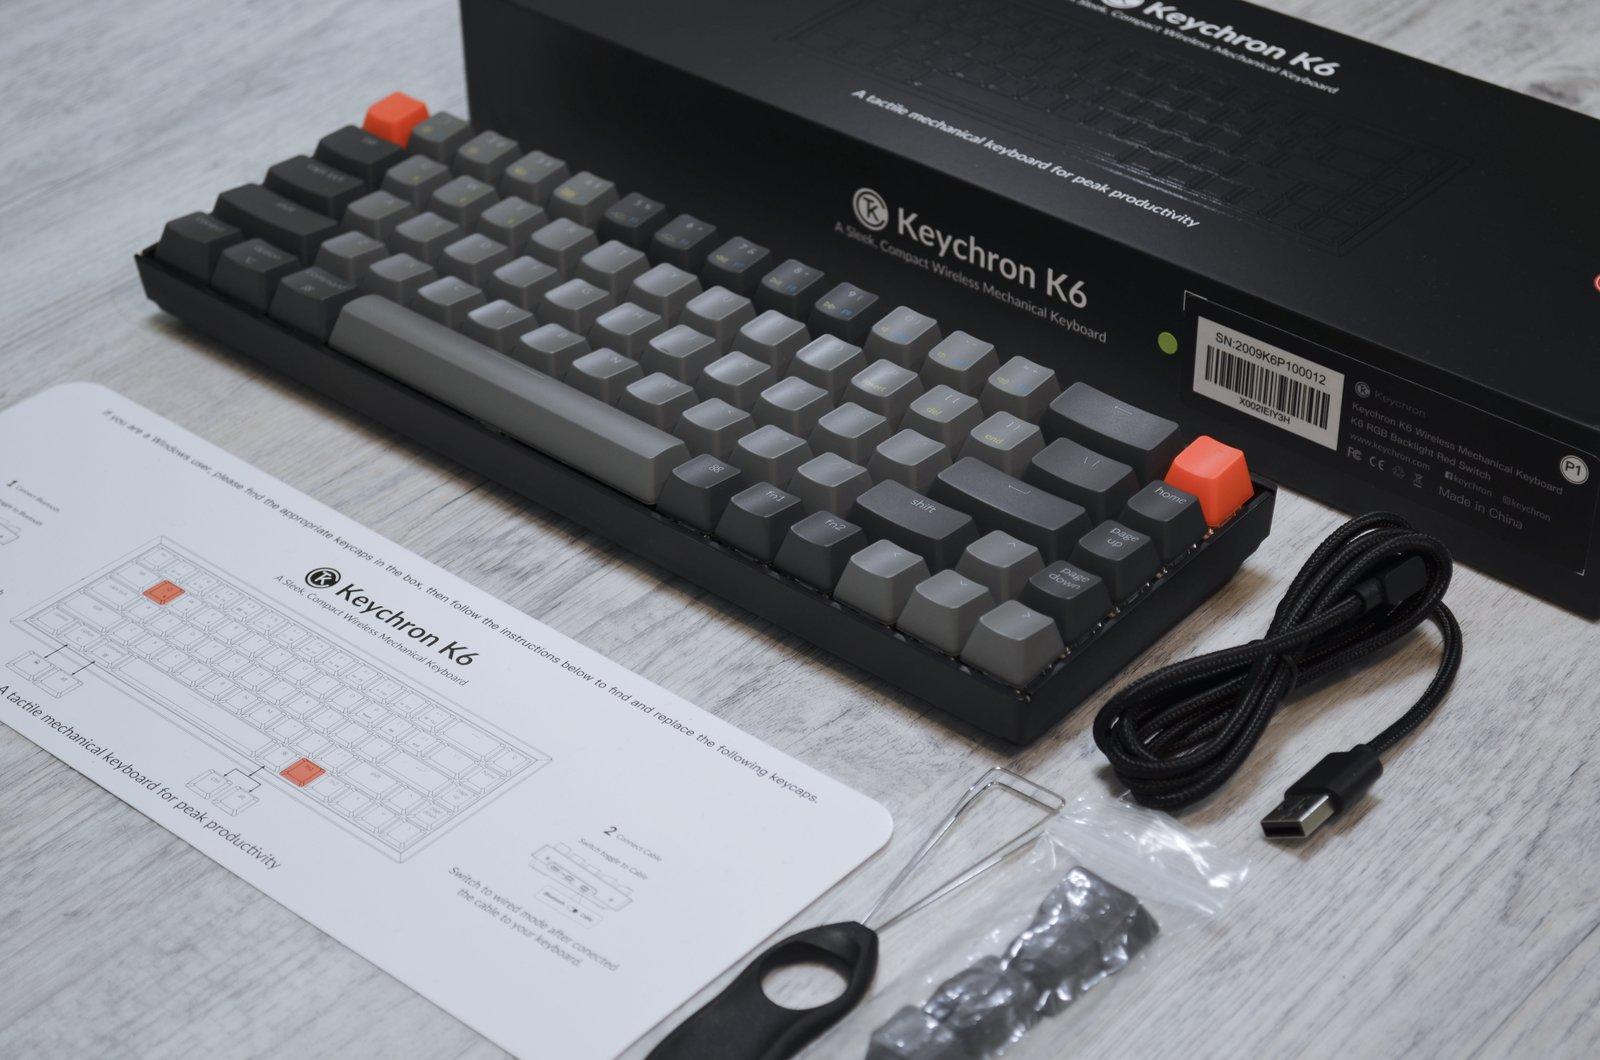 Balení klávesnice Keychron K6 s příslušenstvím